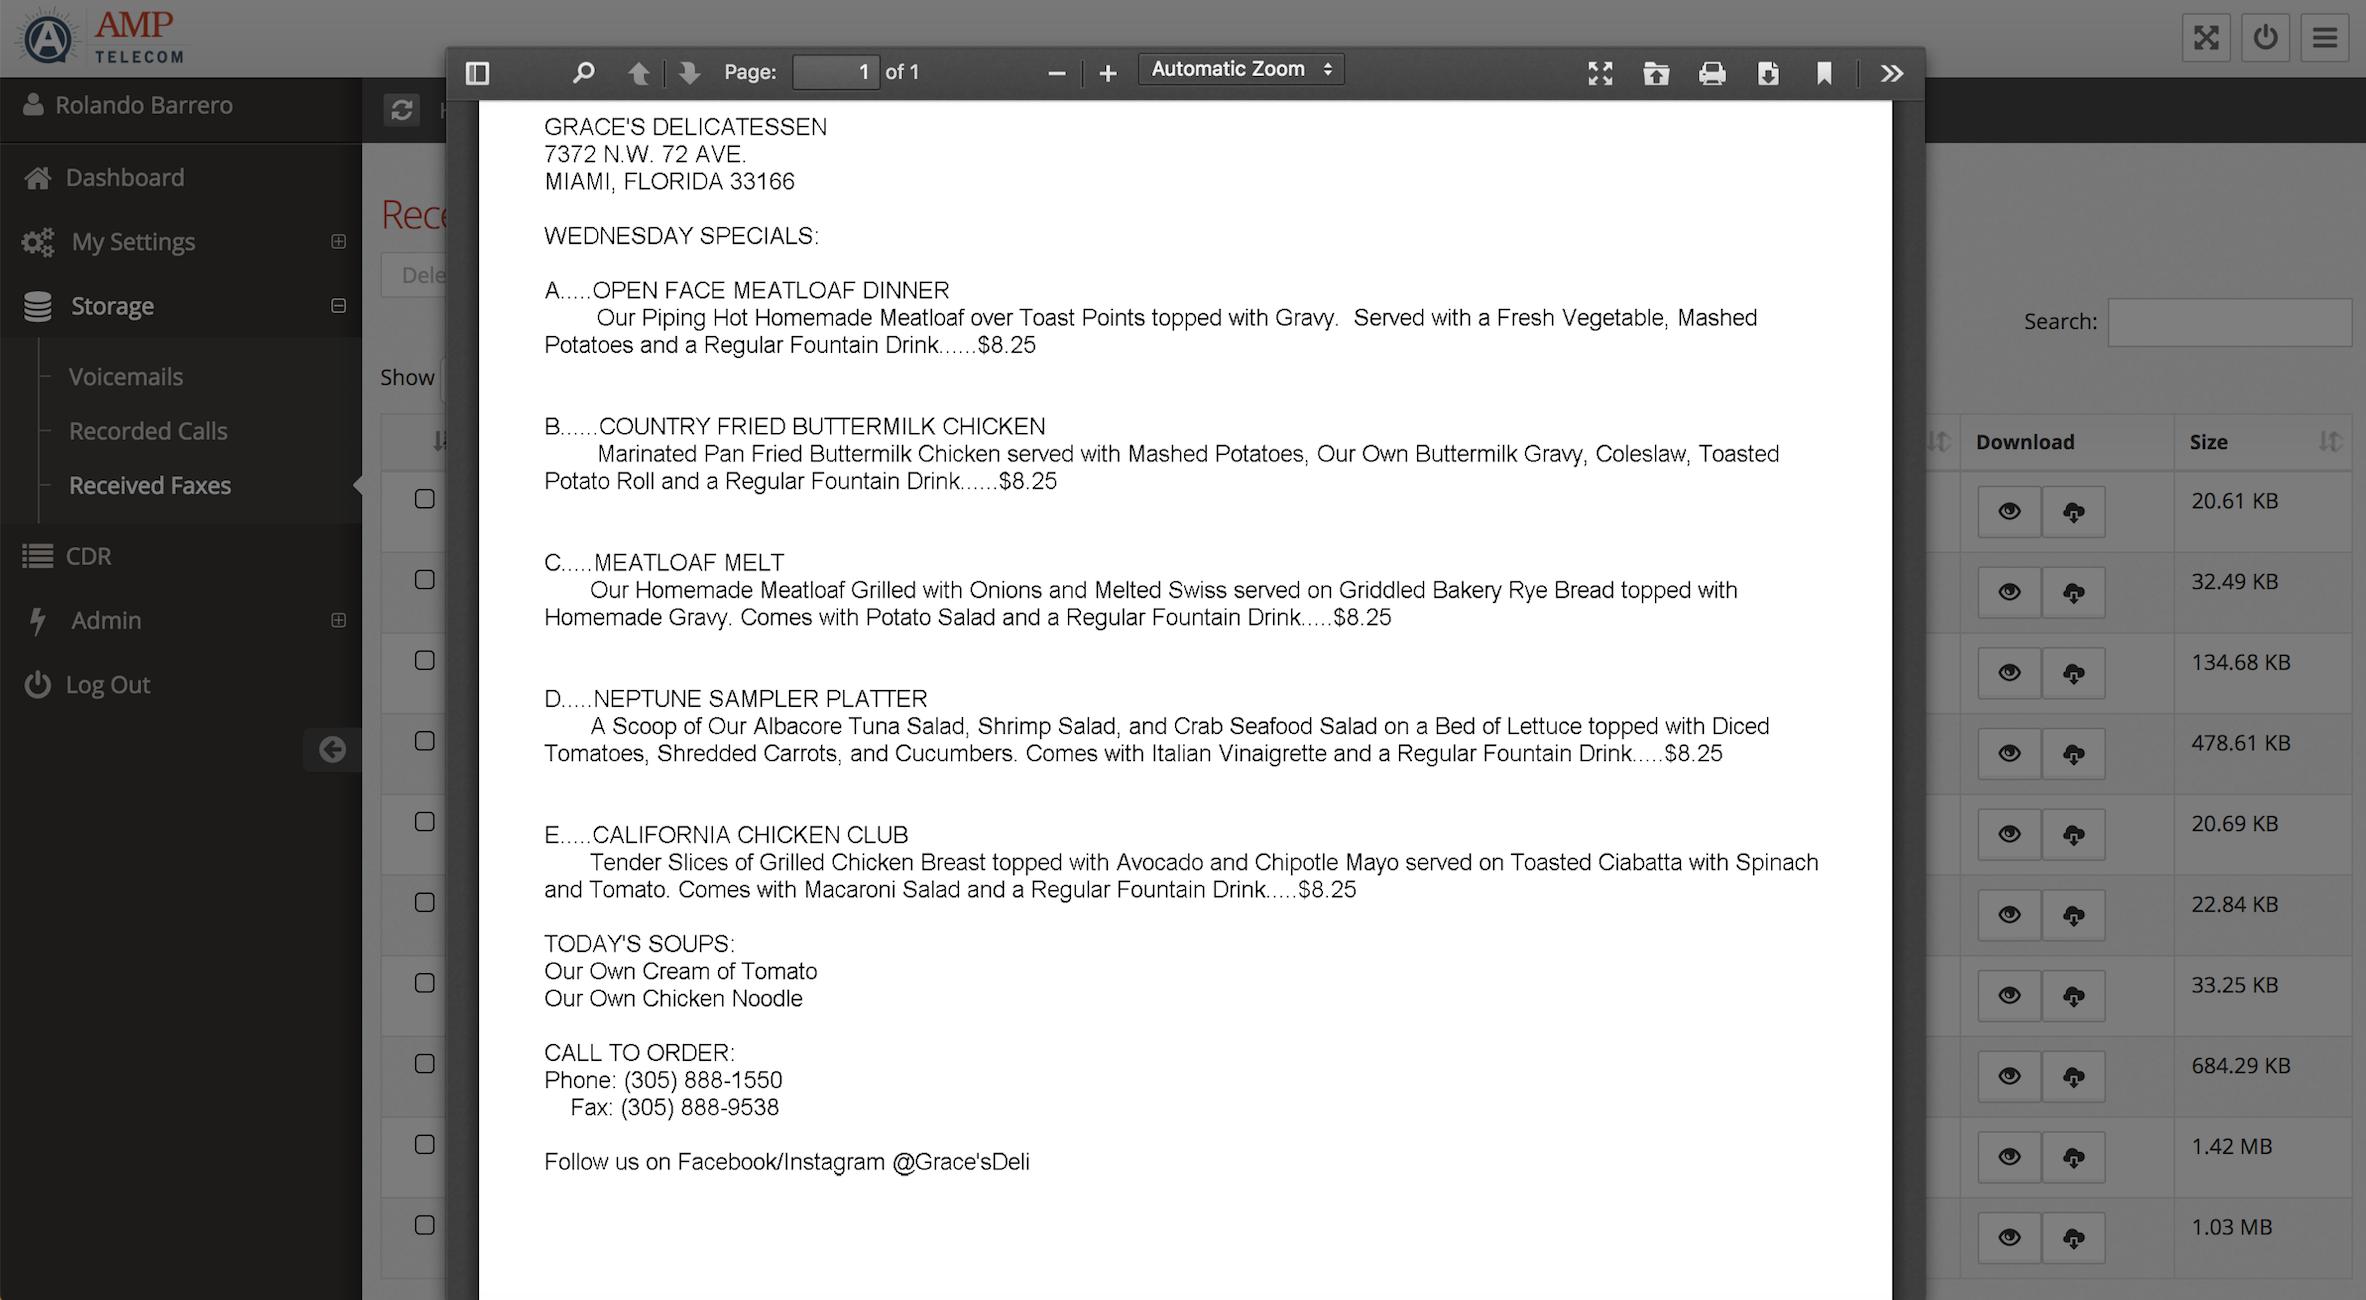 Amp Telecom Software - View fax